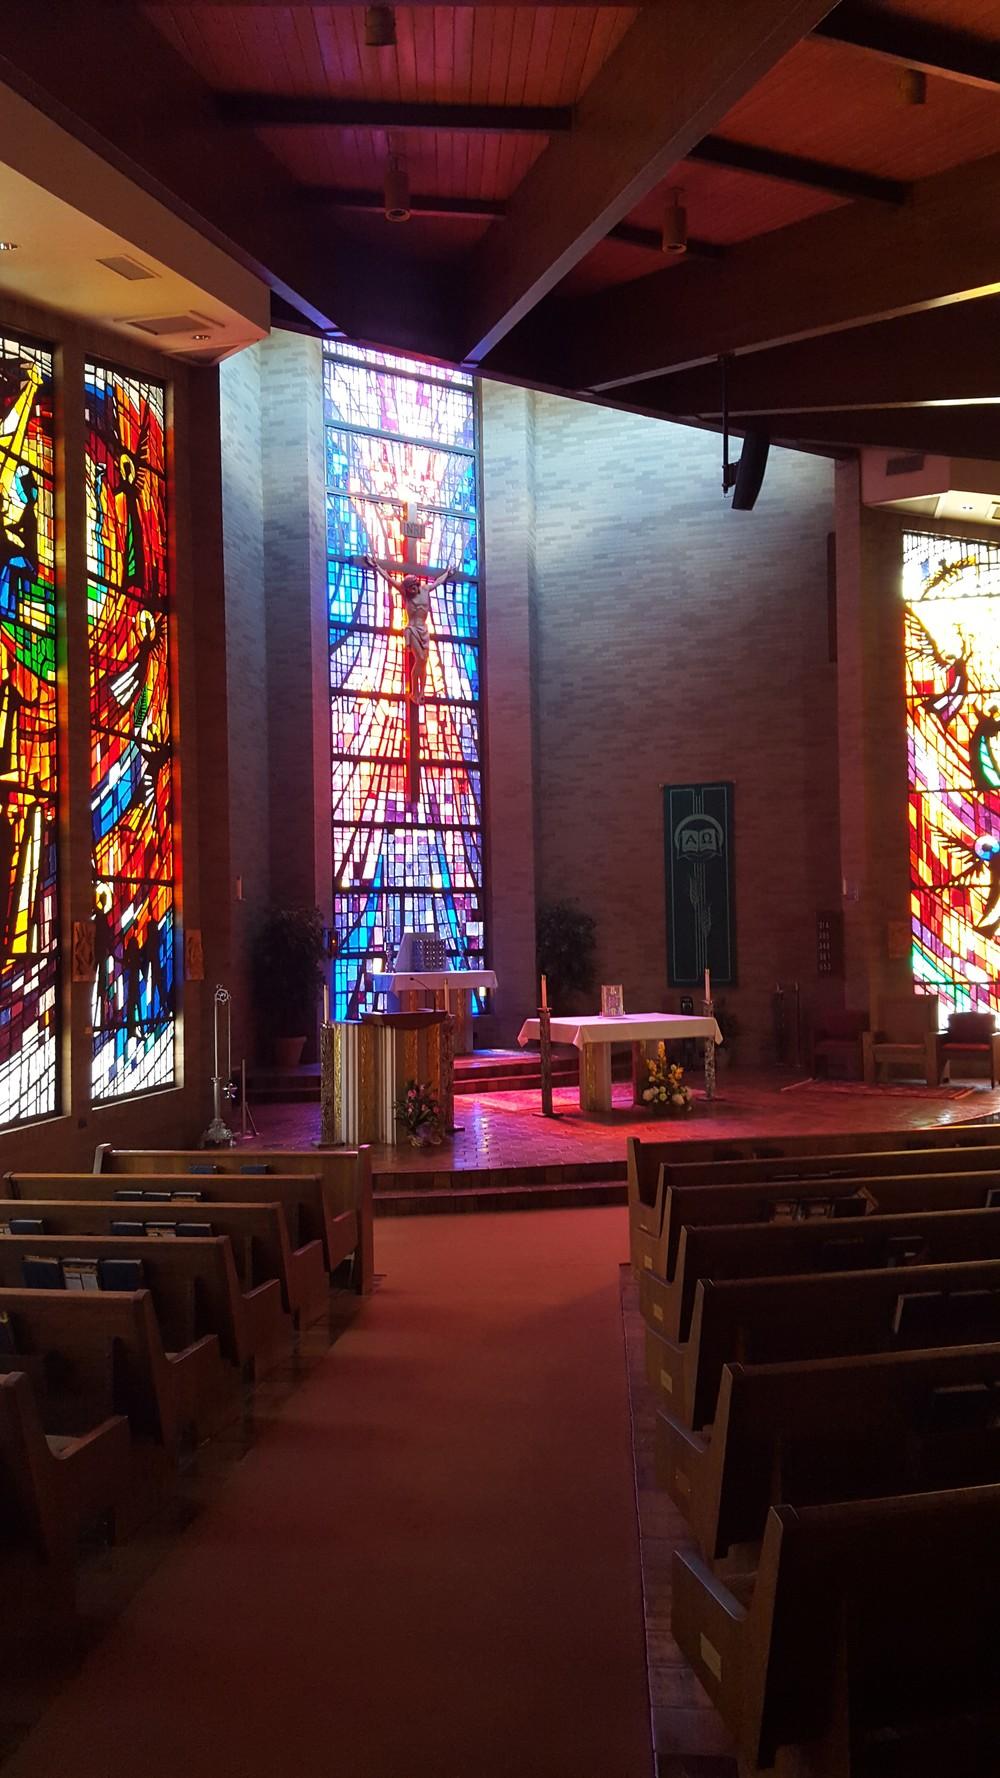 sg church 2015.jpg